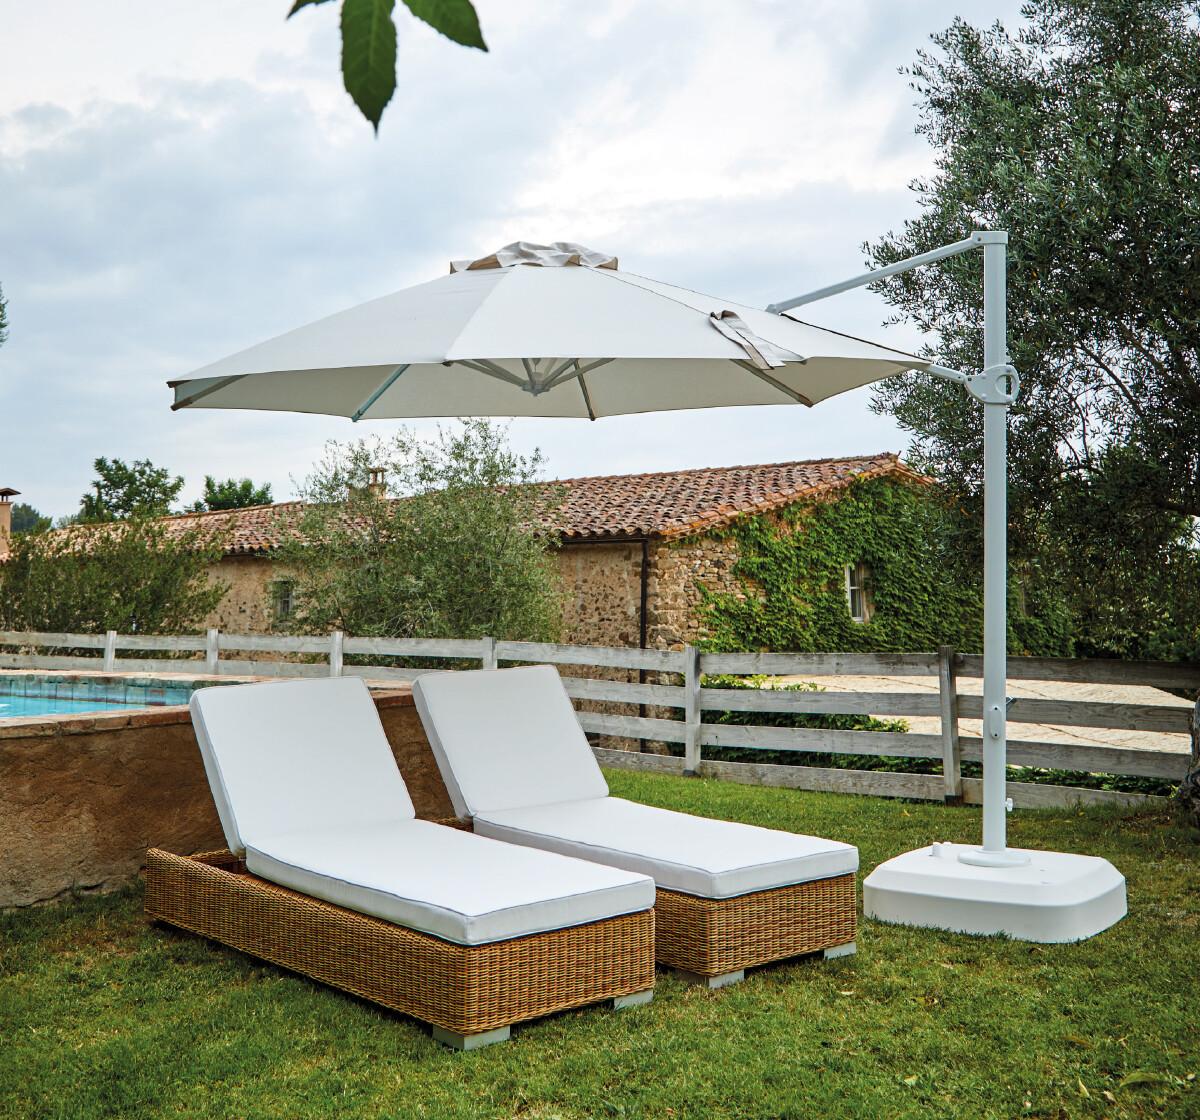 ROMA Зонт на боковой стойке 330см